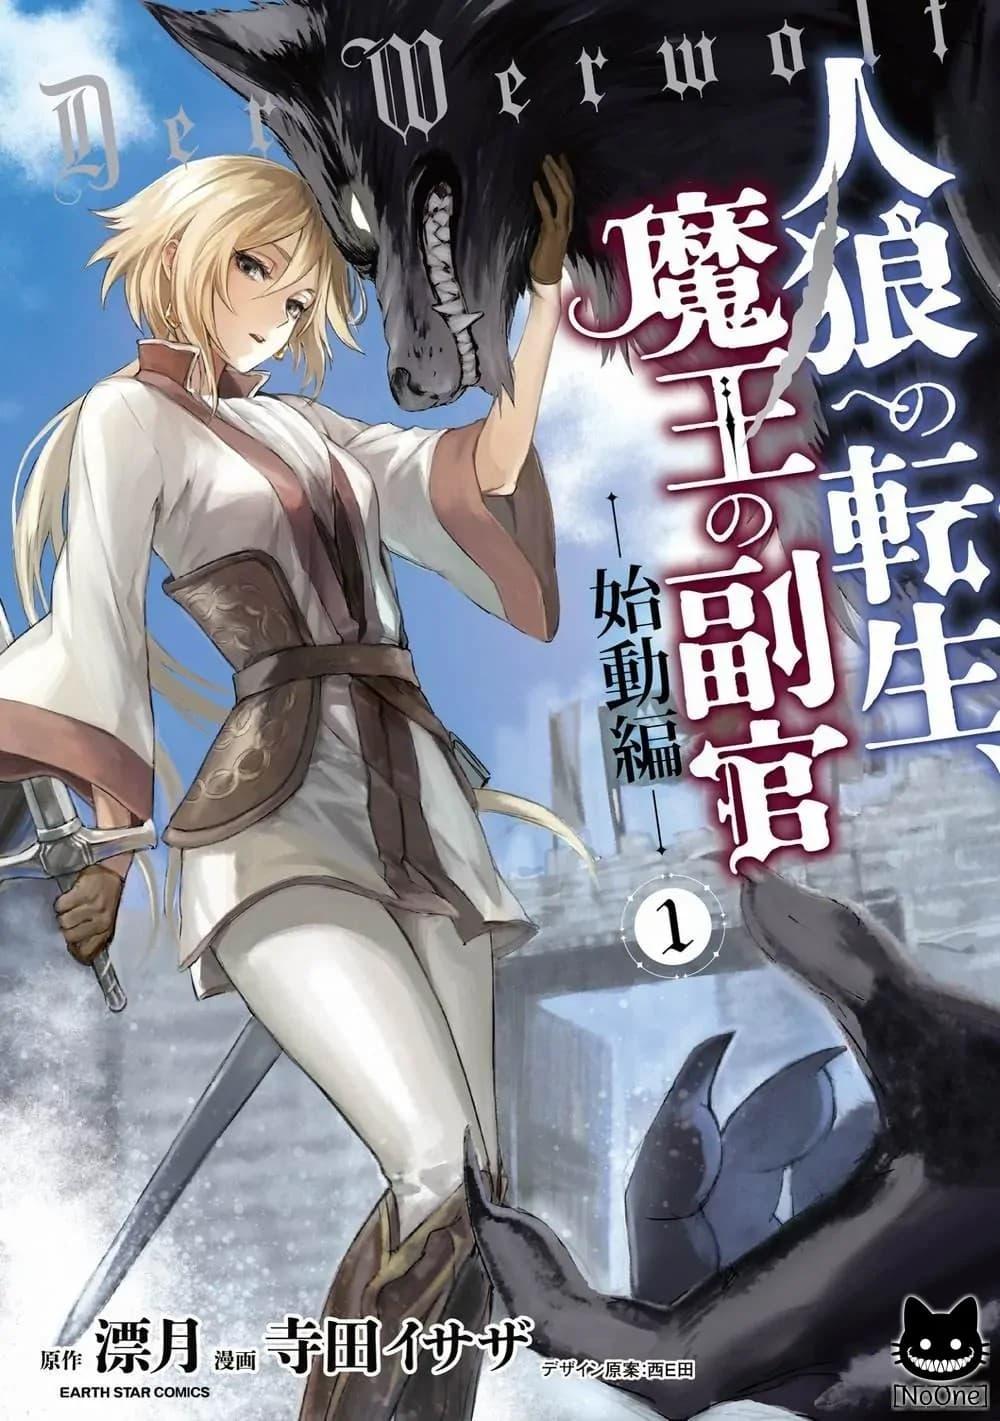 Jinrou e no Tensei Maou no Fukukan